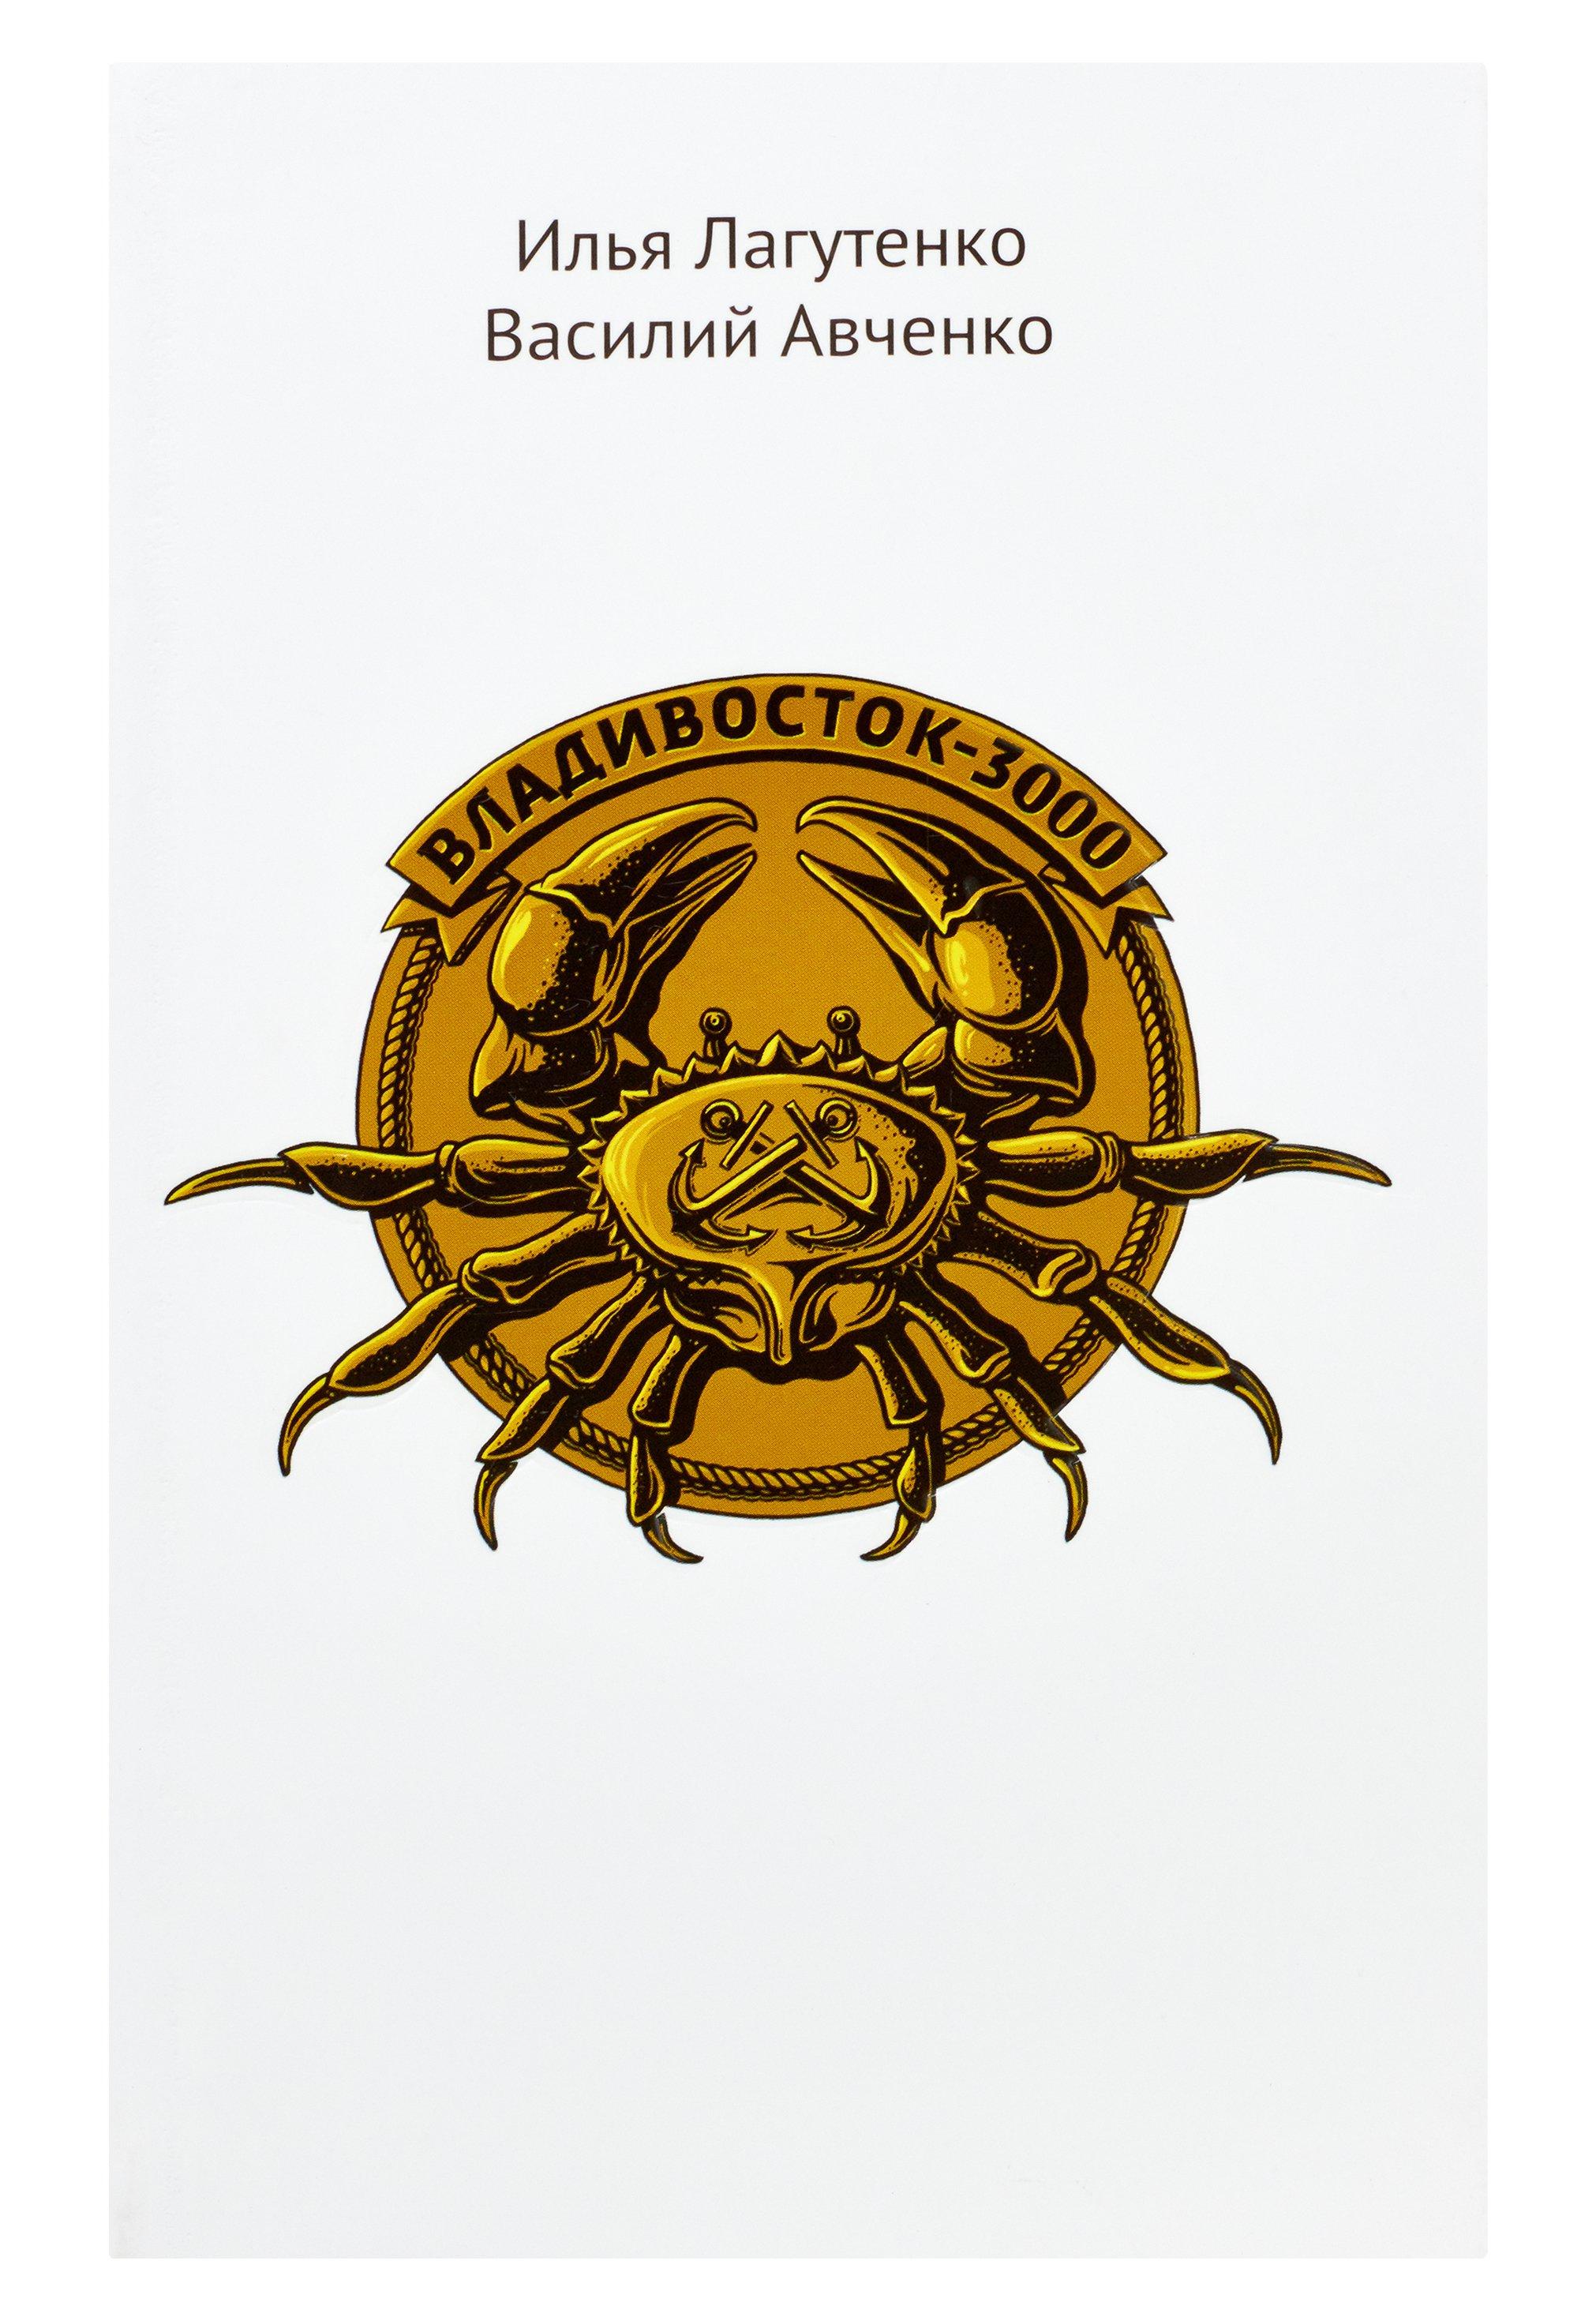 Лагутенко Илья Владивосток-3000. Киноповесть о Тихоокеанской республике (без фальшсупера)